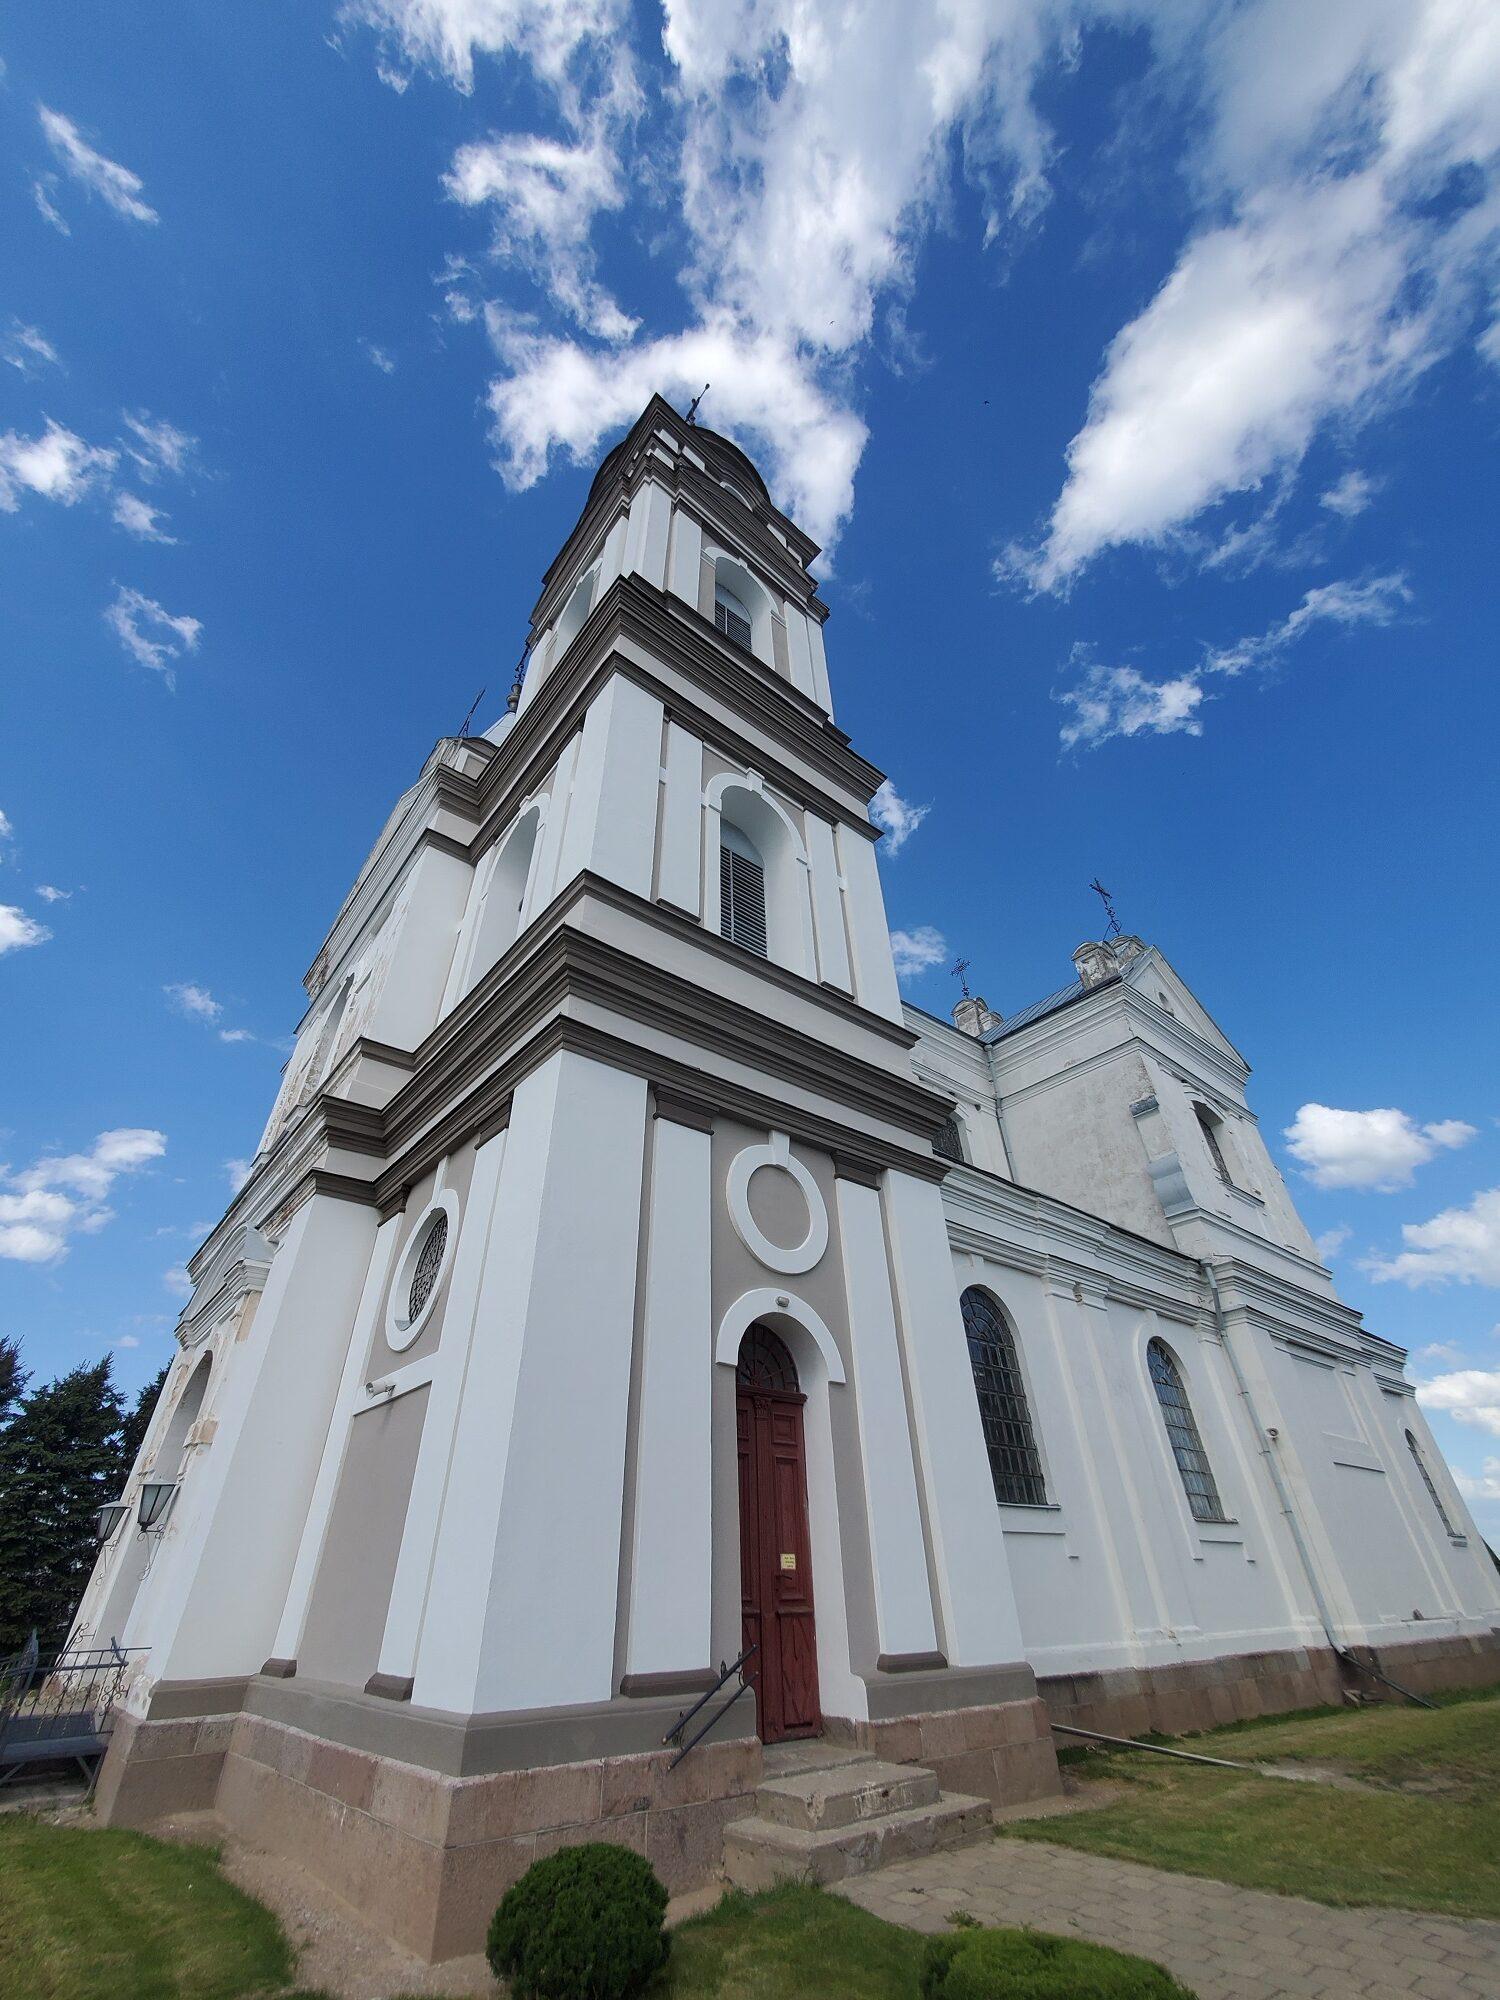 20200606 165227 rotated - Костел Пресвятой Девы Марии в деревне Парафьяново